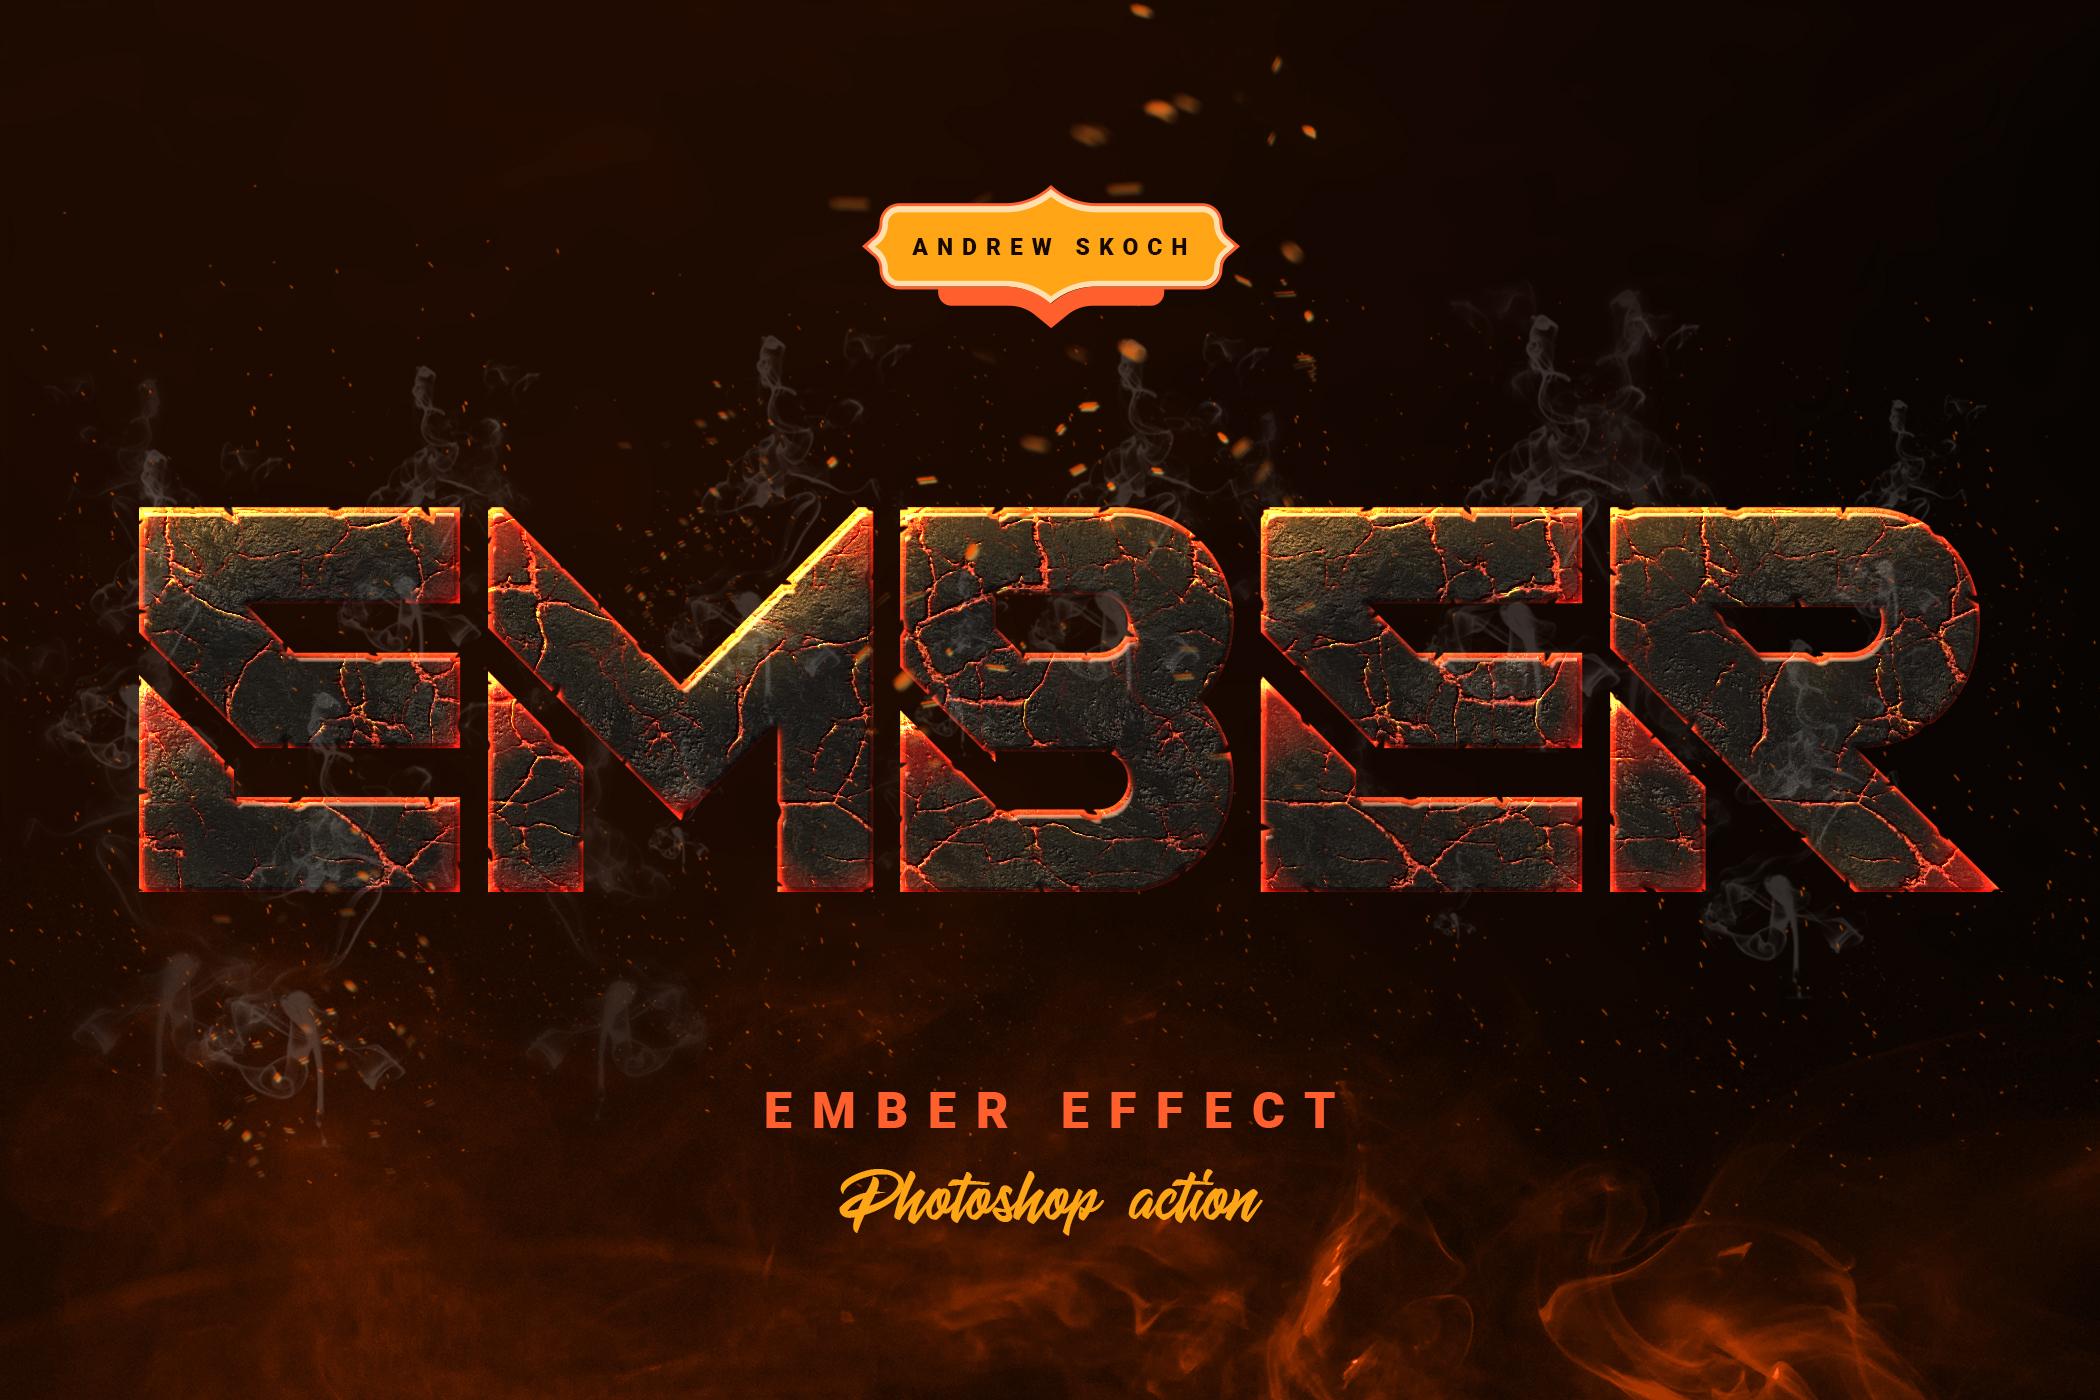 Скачать [Graphicriver] Ember Effect - Photoshop Action (2019), Отзывы Складчик » Архив Складчин